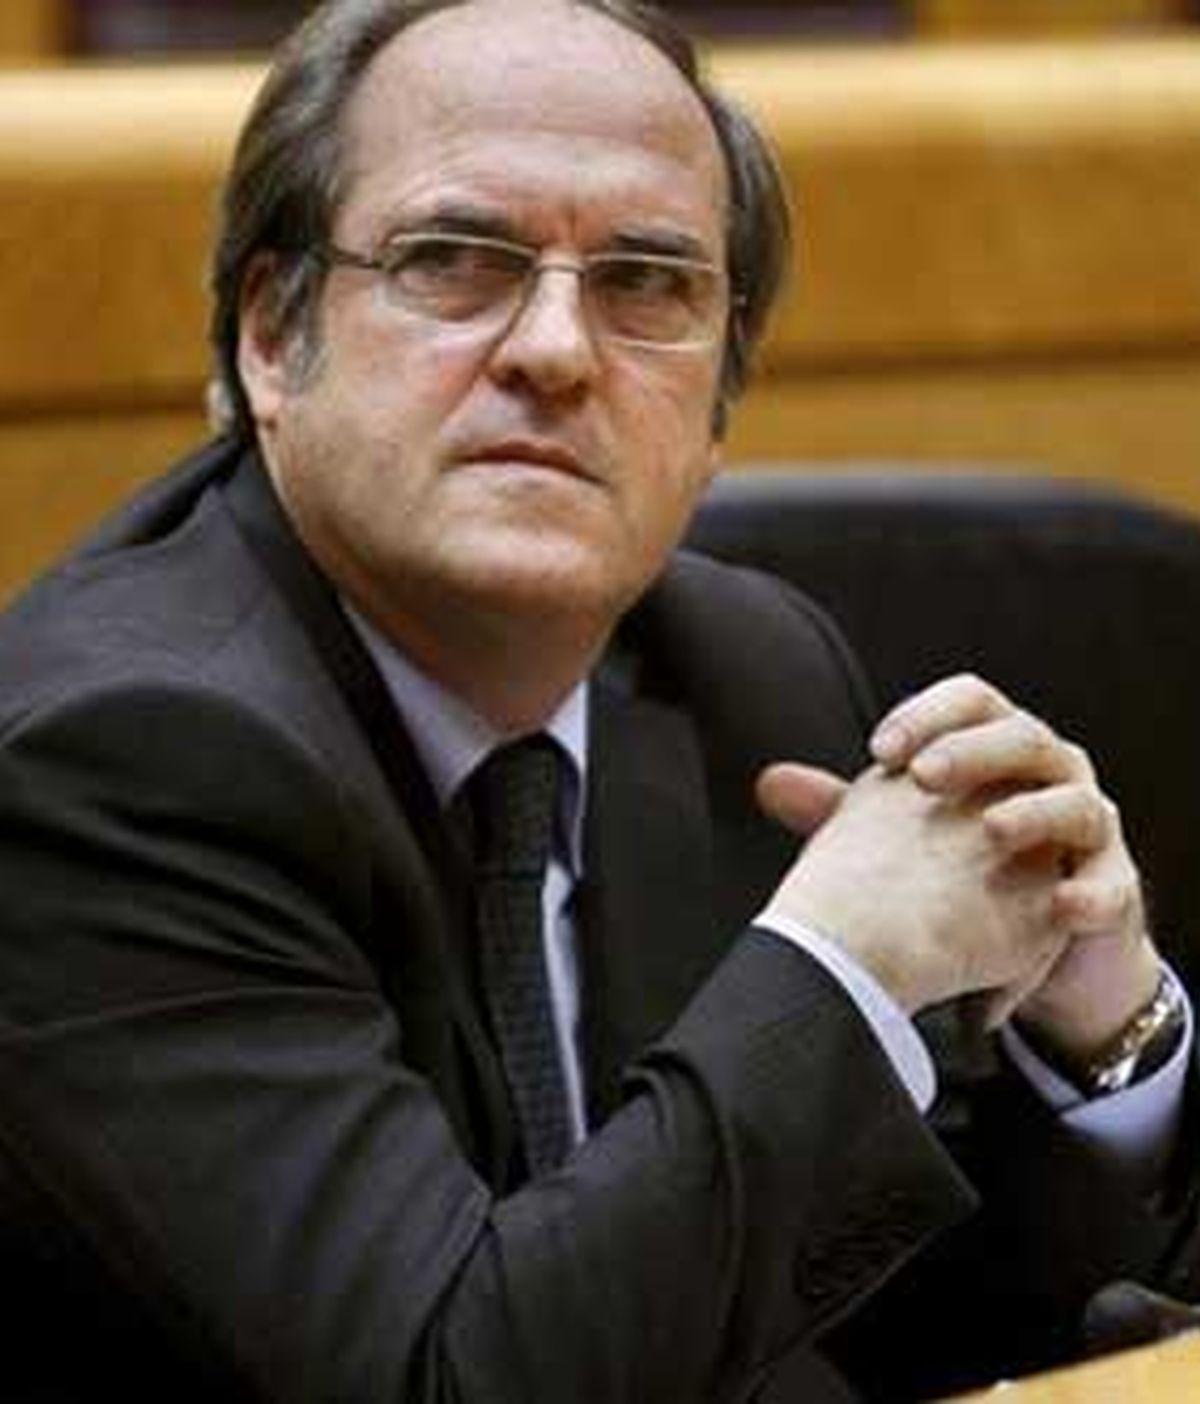 El ministro de Educación, Ángel Gabilondo, en una imagen de archivo. Foto: EFE